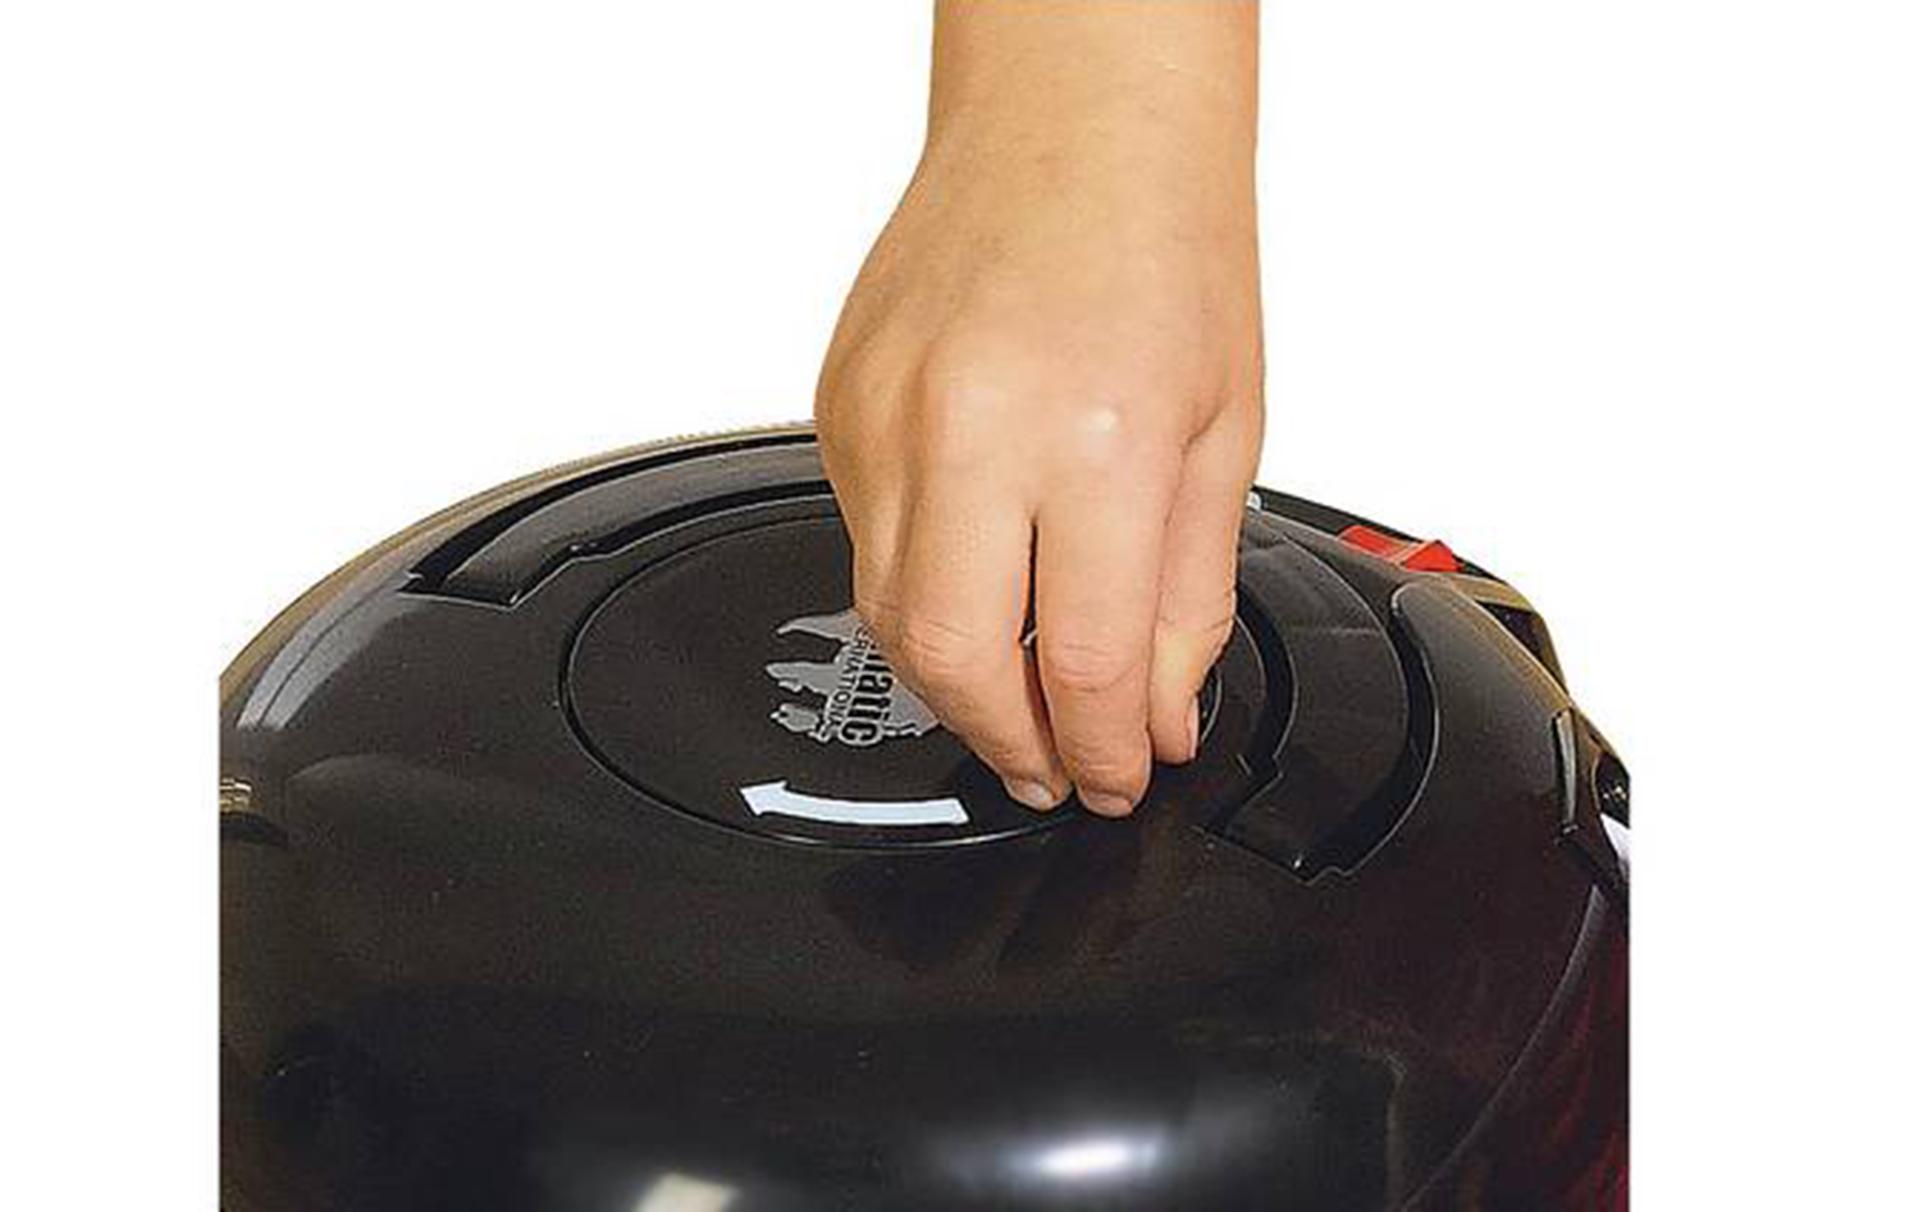 argos selling kids henry vacuum